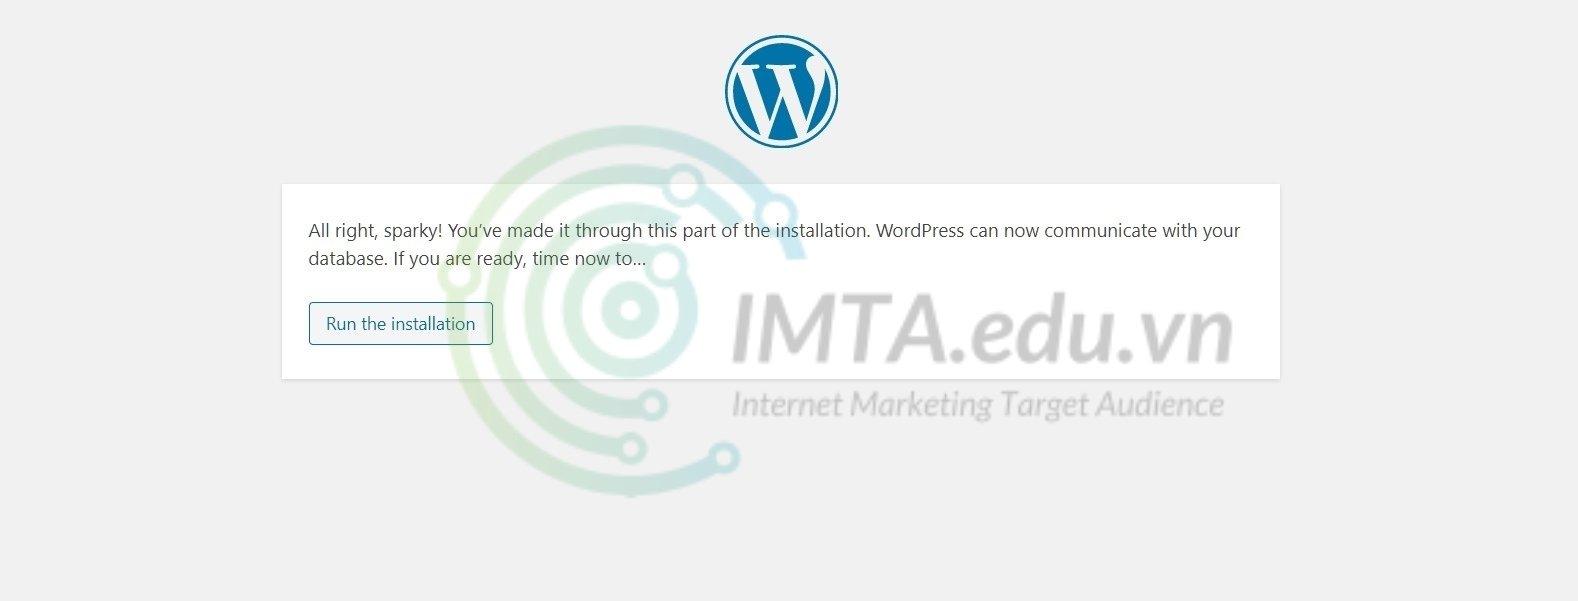 Thông báo chạy cài đặt WordPress